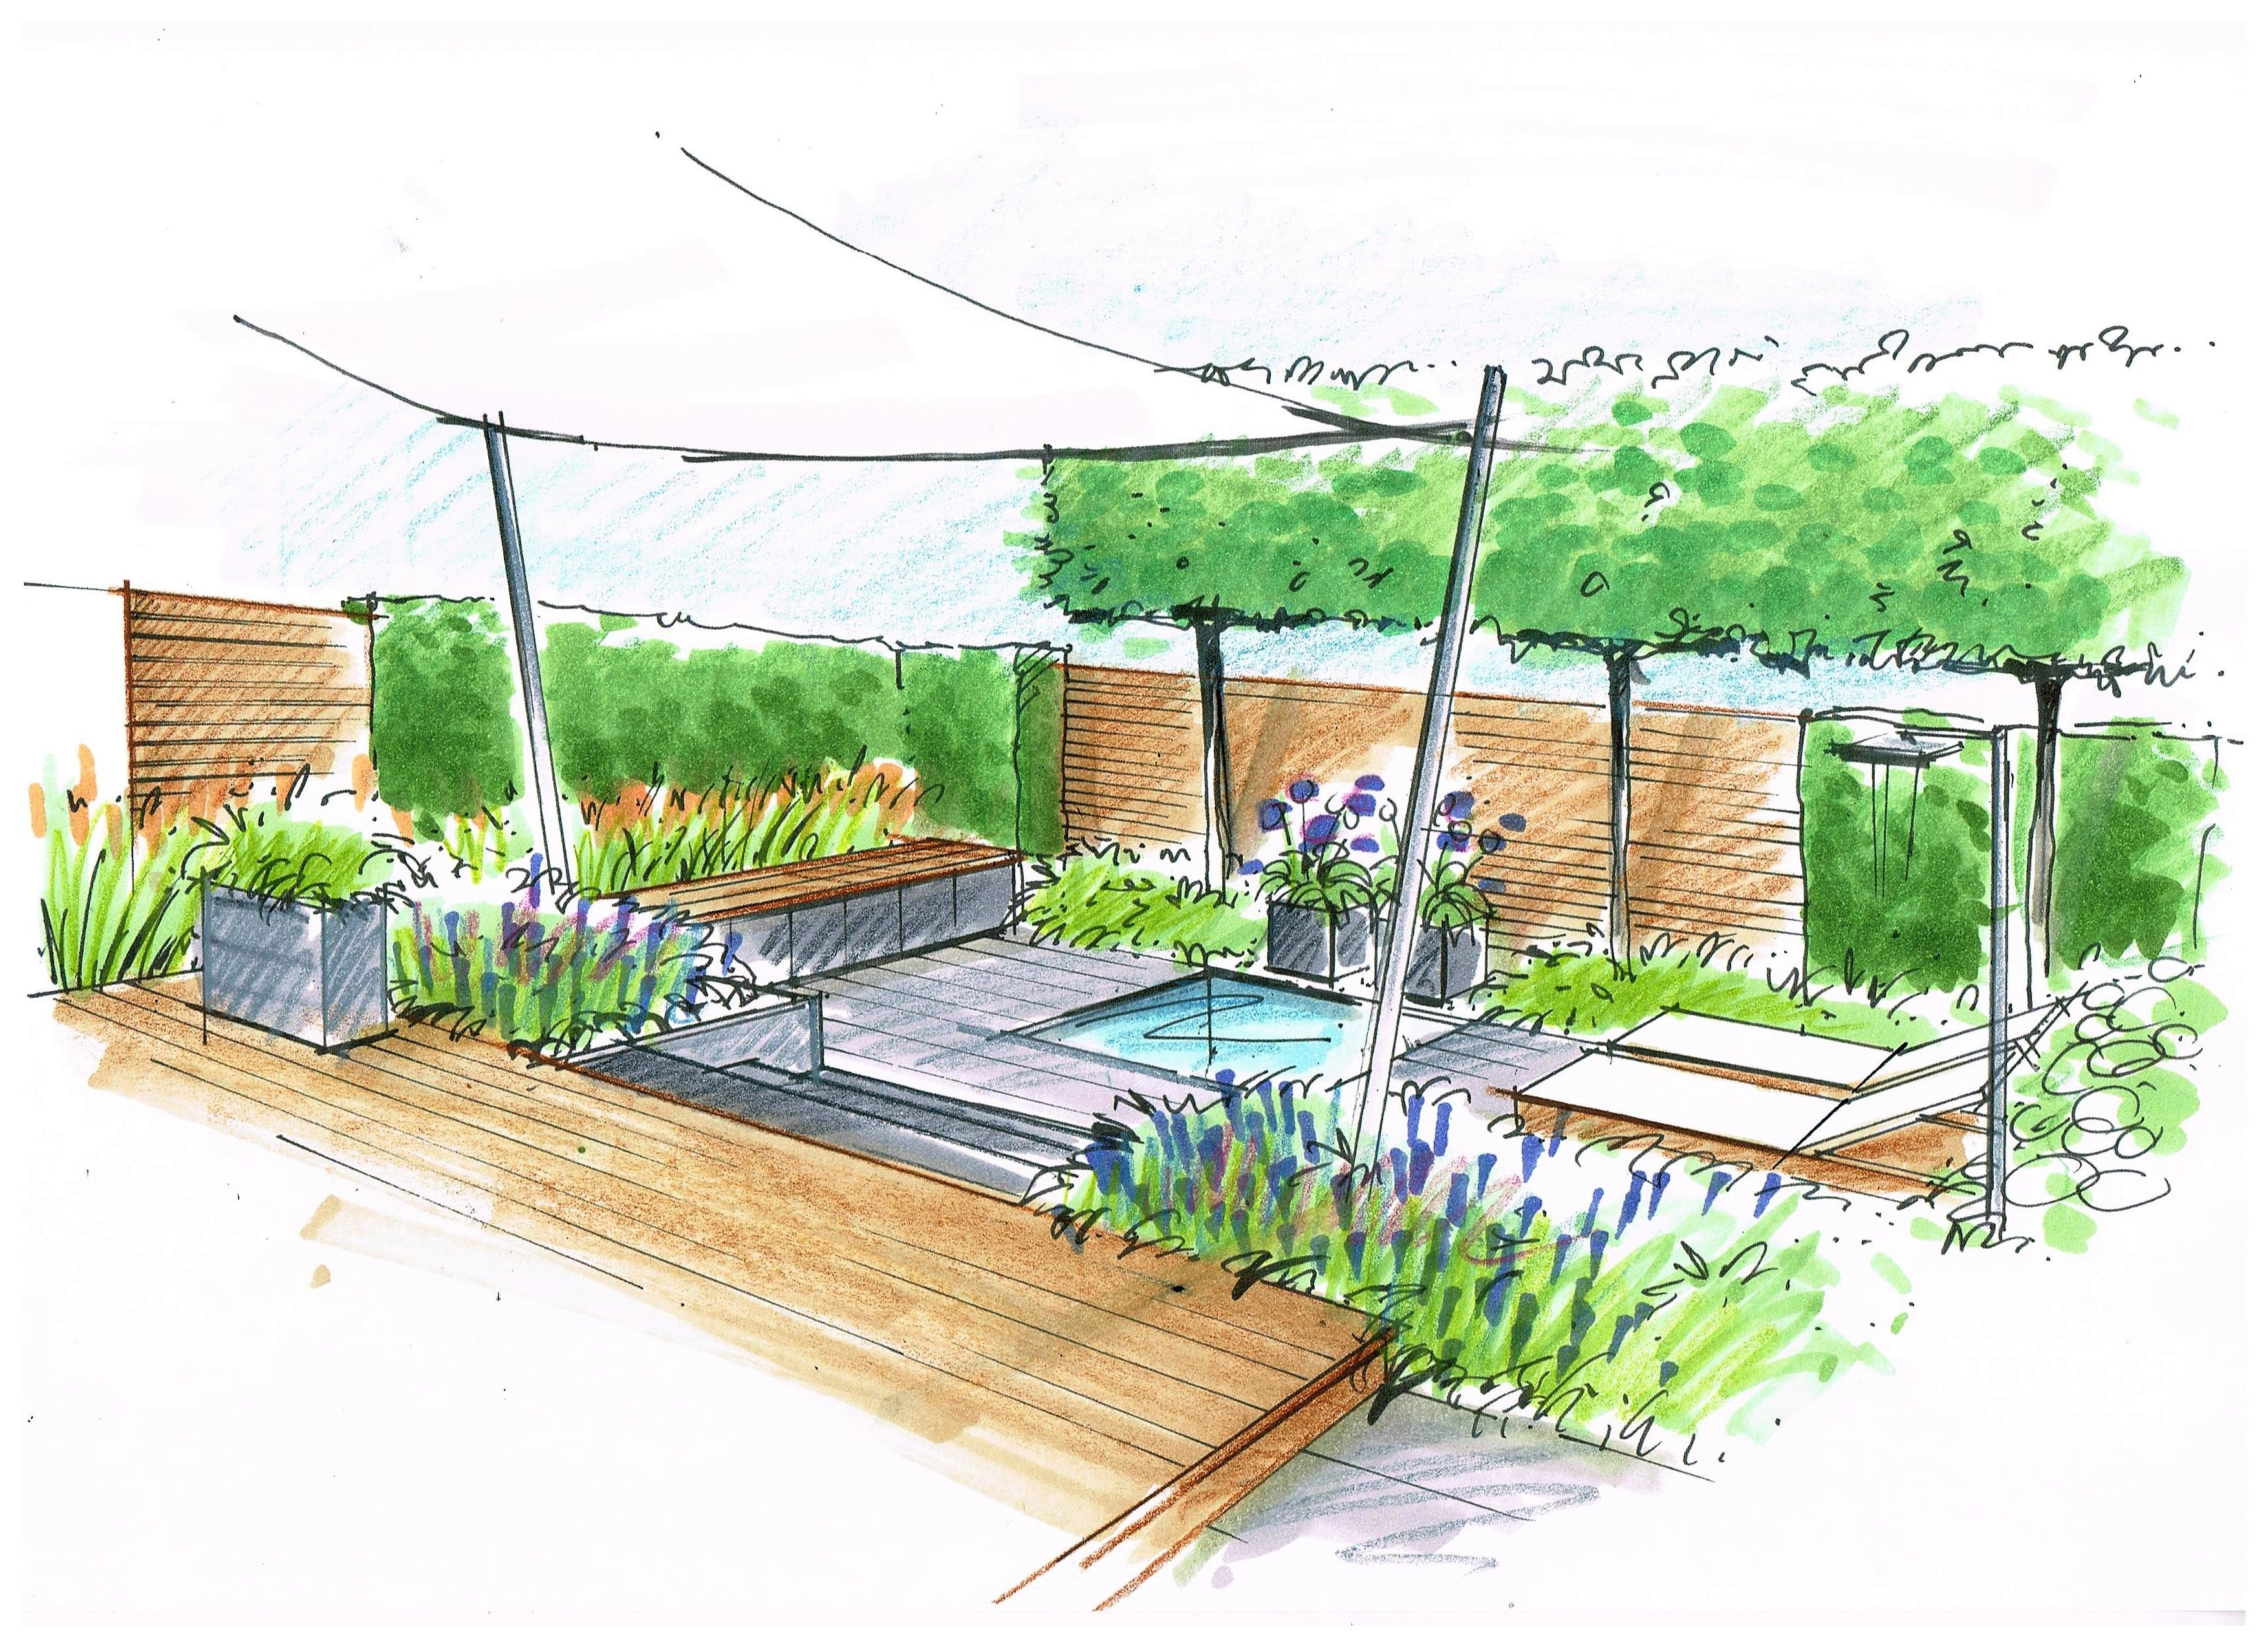 Perspektive Hausgarten Wasserbecken Spalierbaum Anne Munstermann Garten Gartengestaltung Garten Planen